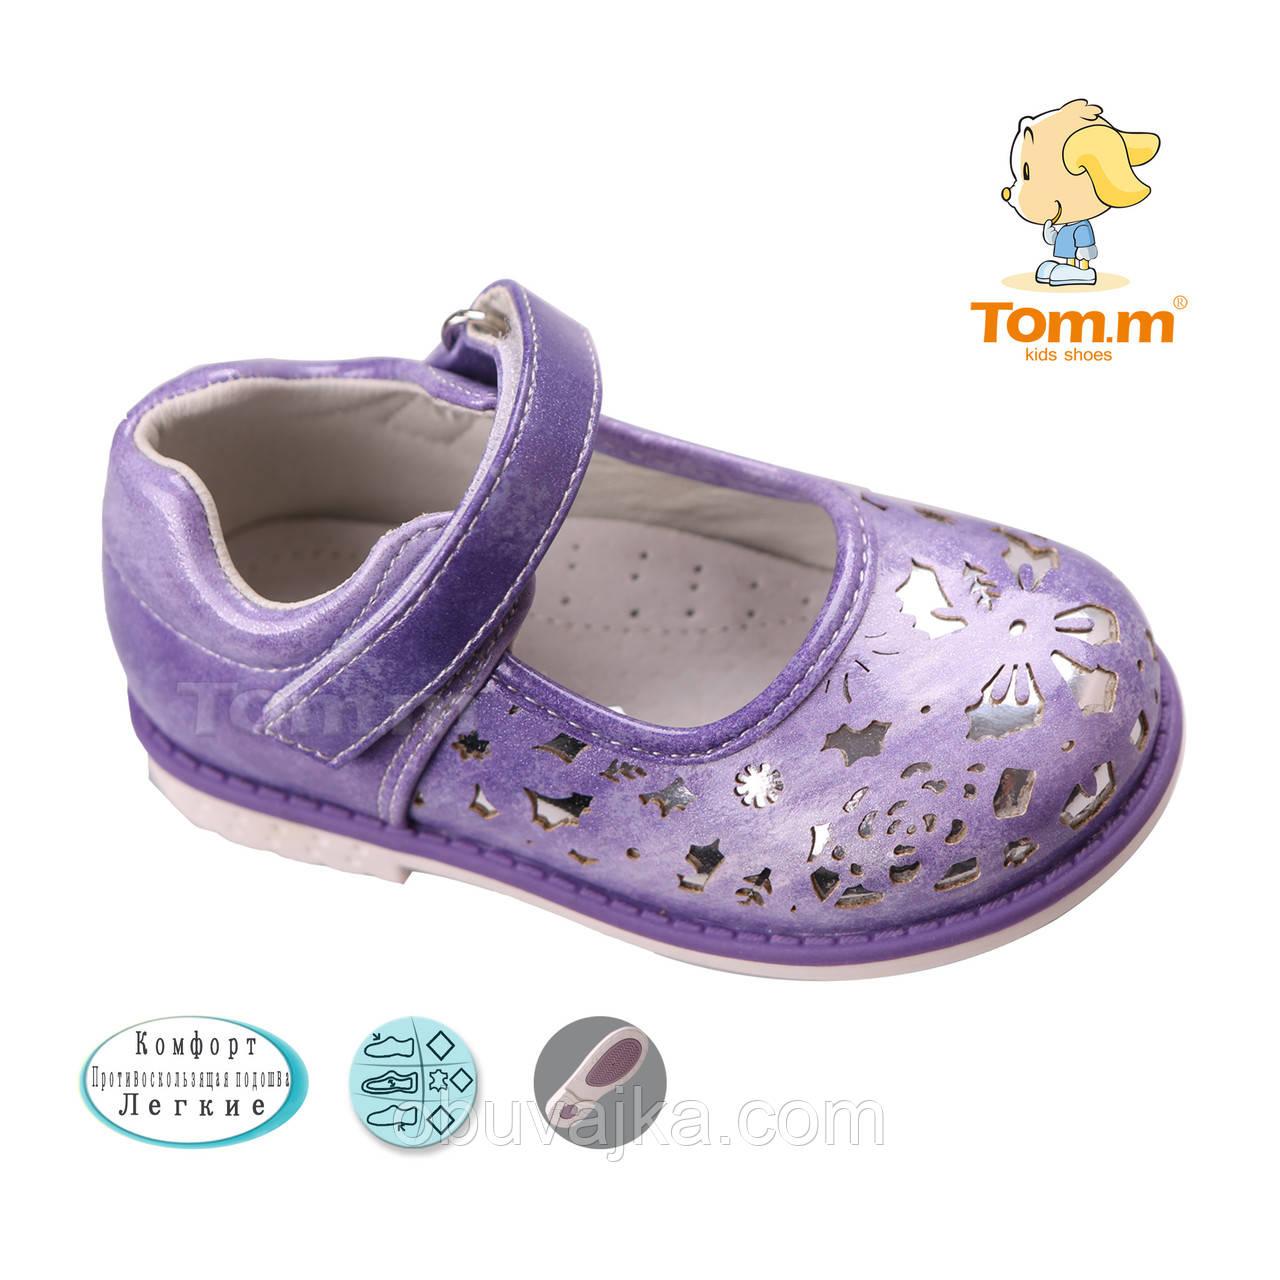 Детские туфельки  для девочек оптом от Tom m(21-26)